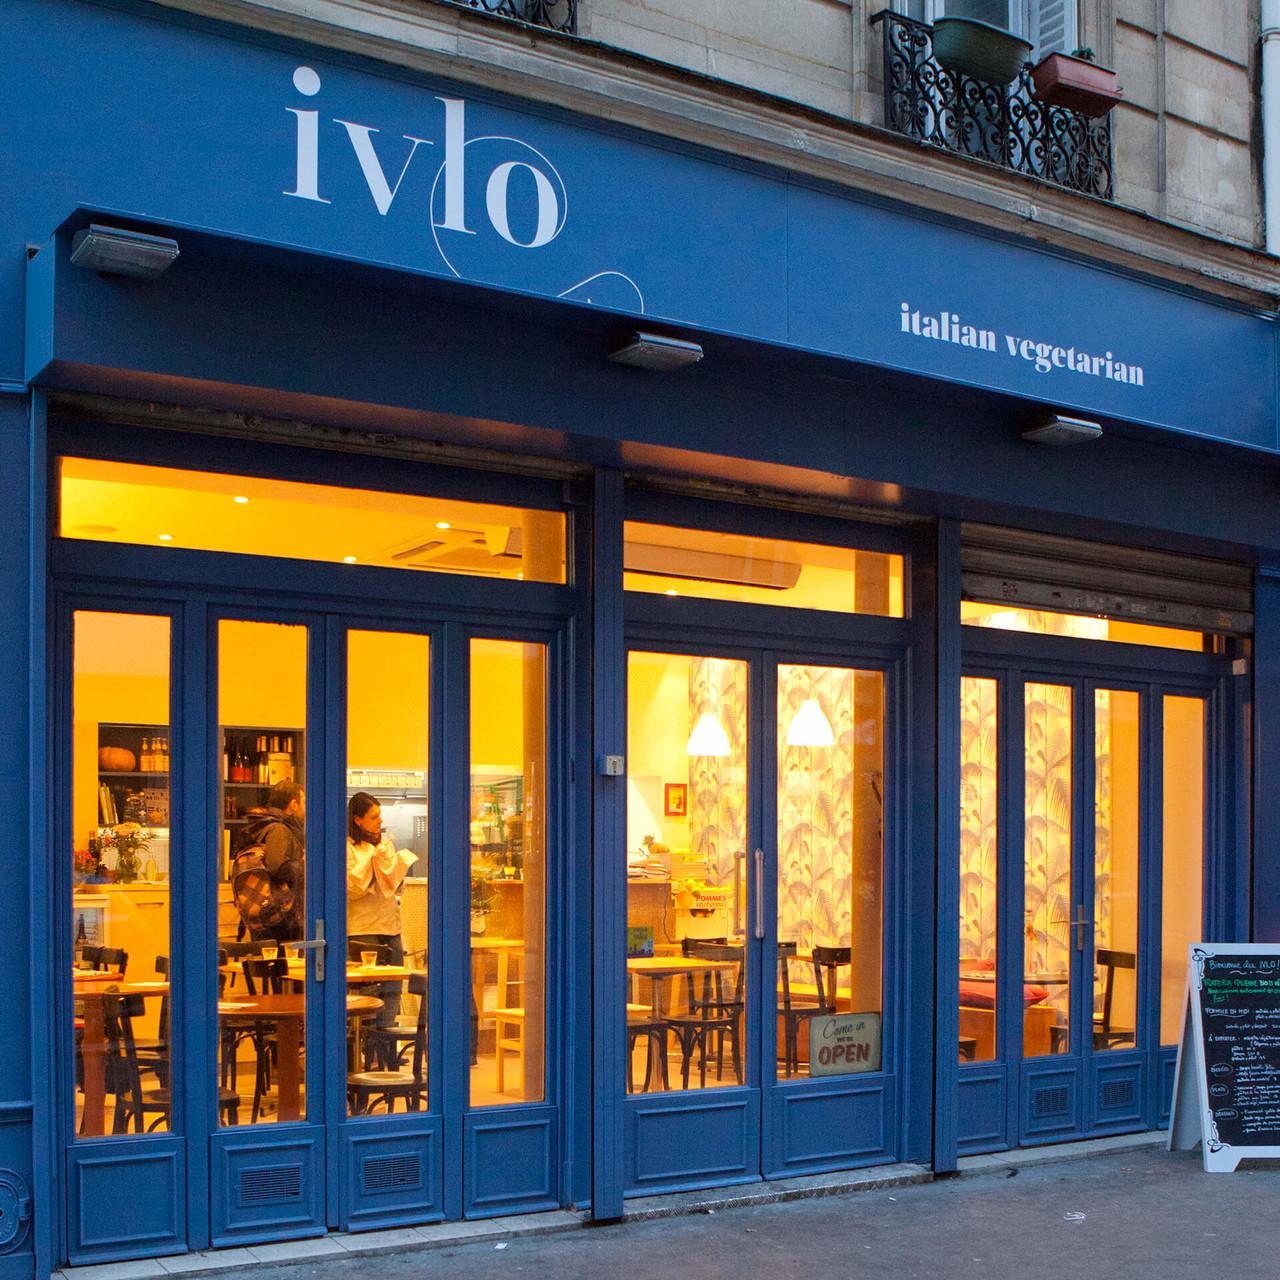 La façade avec les nouvelles teintes et une enseigne peinte, credit photographique Raphaëlle Trecco